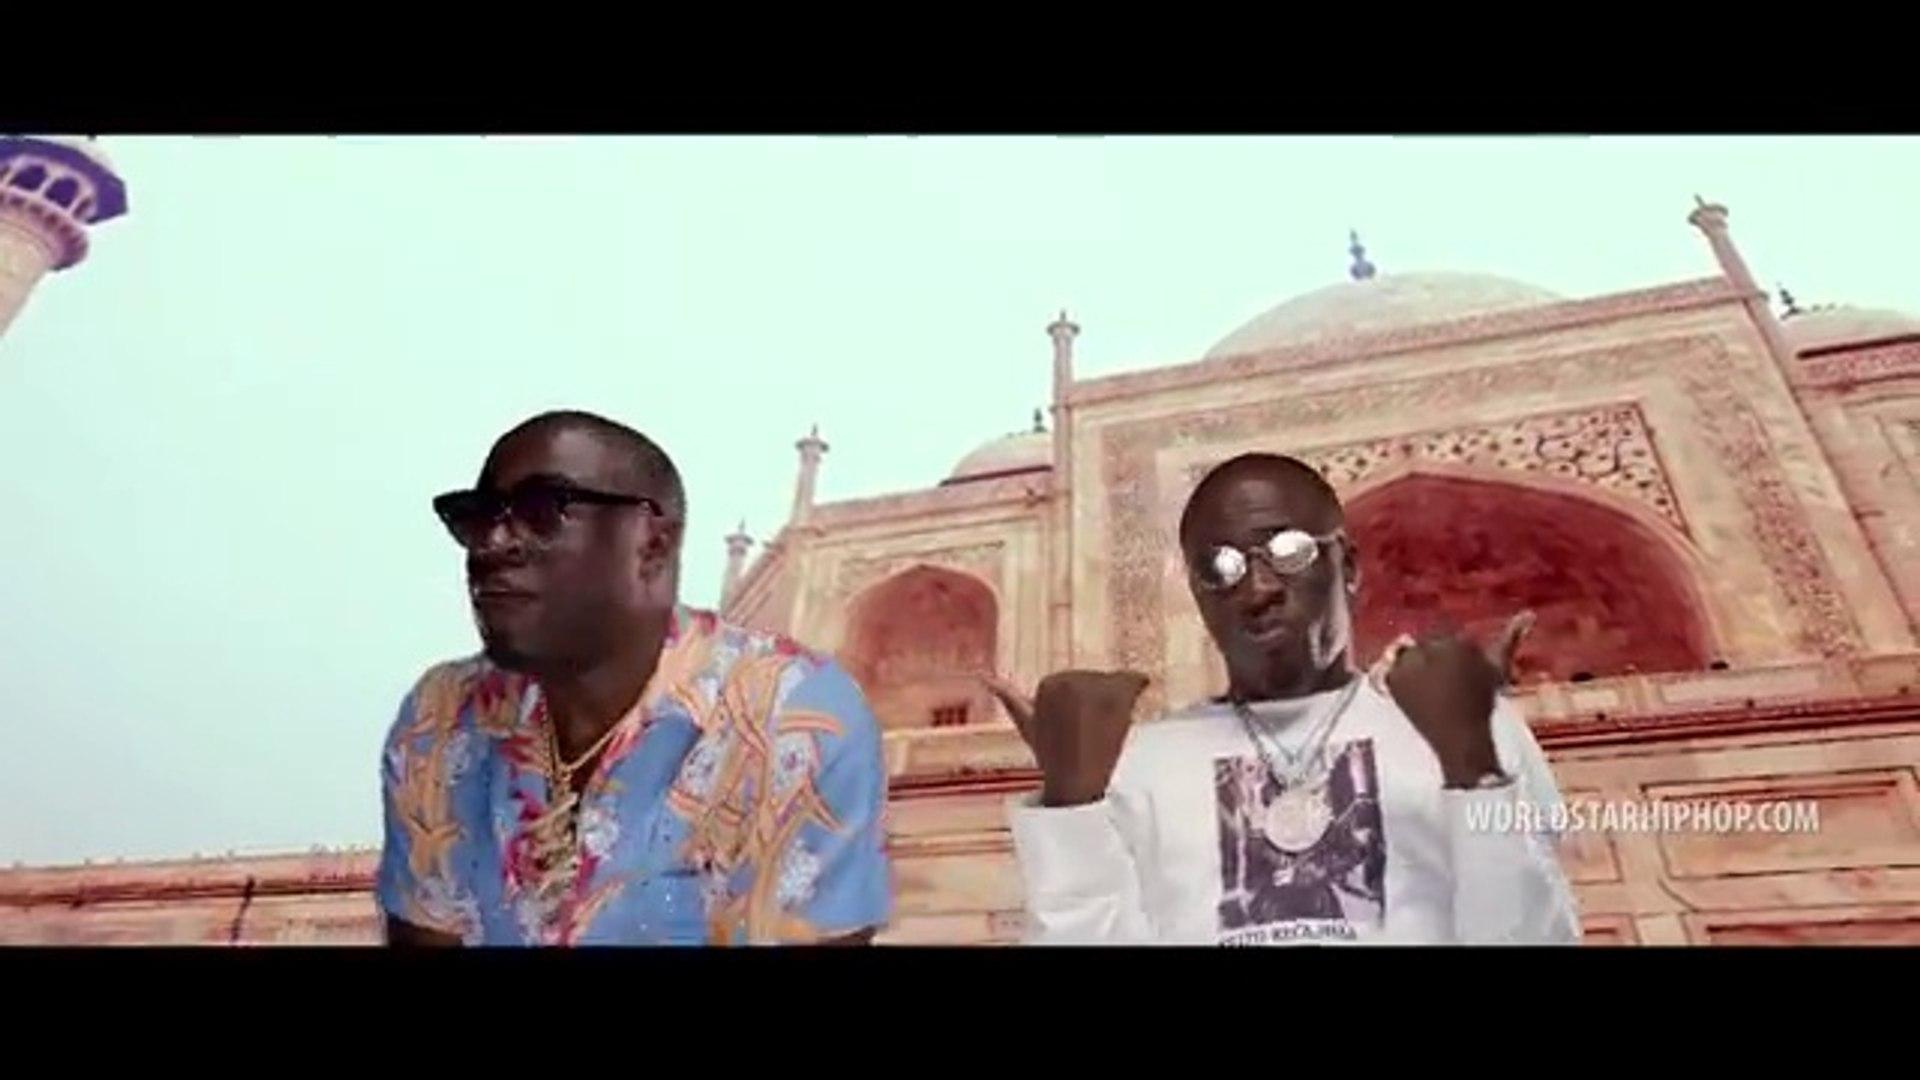 G4 Boyz Feat. Tory Lanez